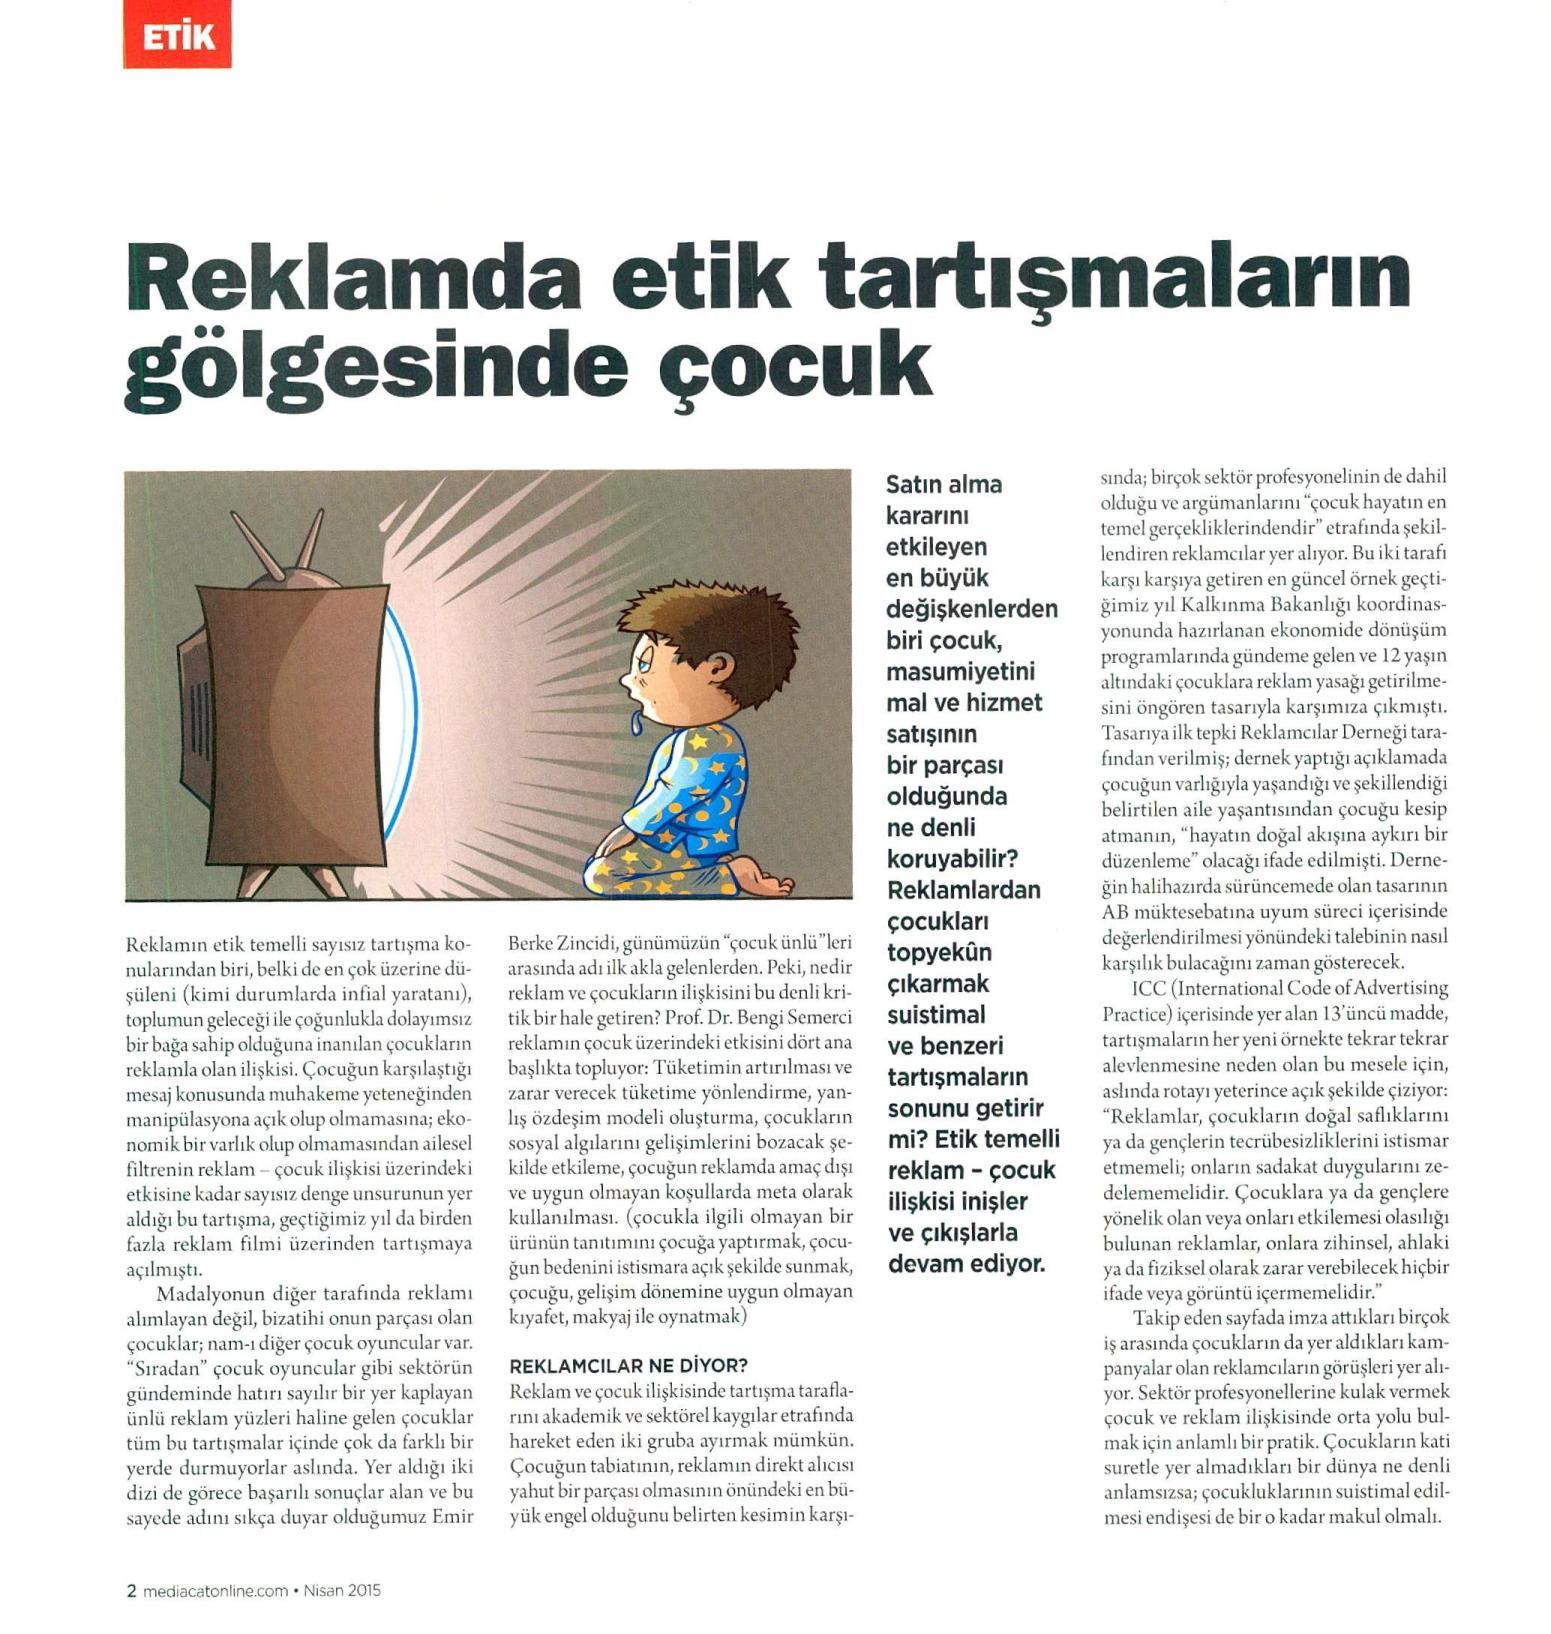 Reklamda etik tartışmaların gölgesinde çocuk - MEDIA CAT KIDS 01.04.2015 </p> <p>